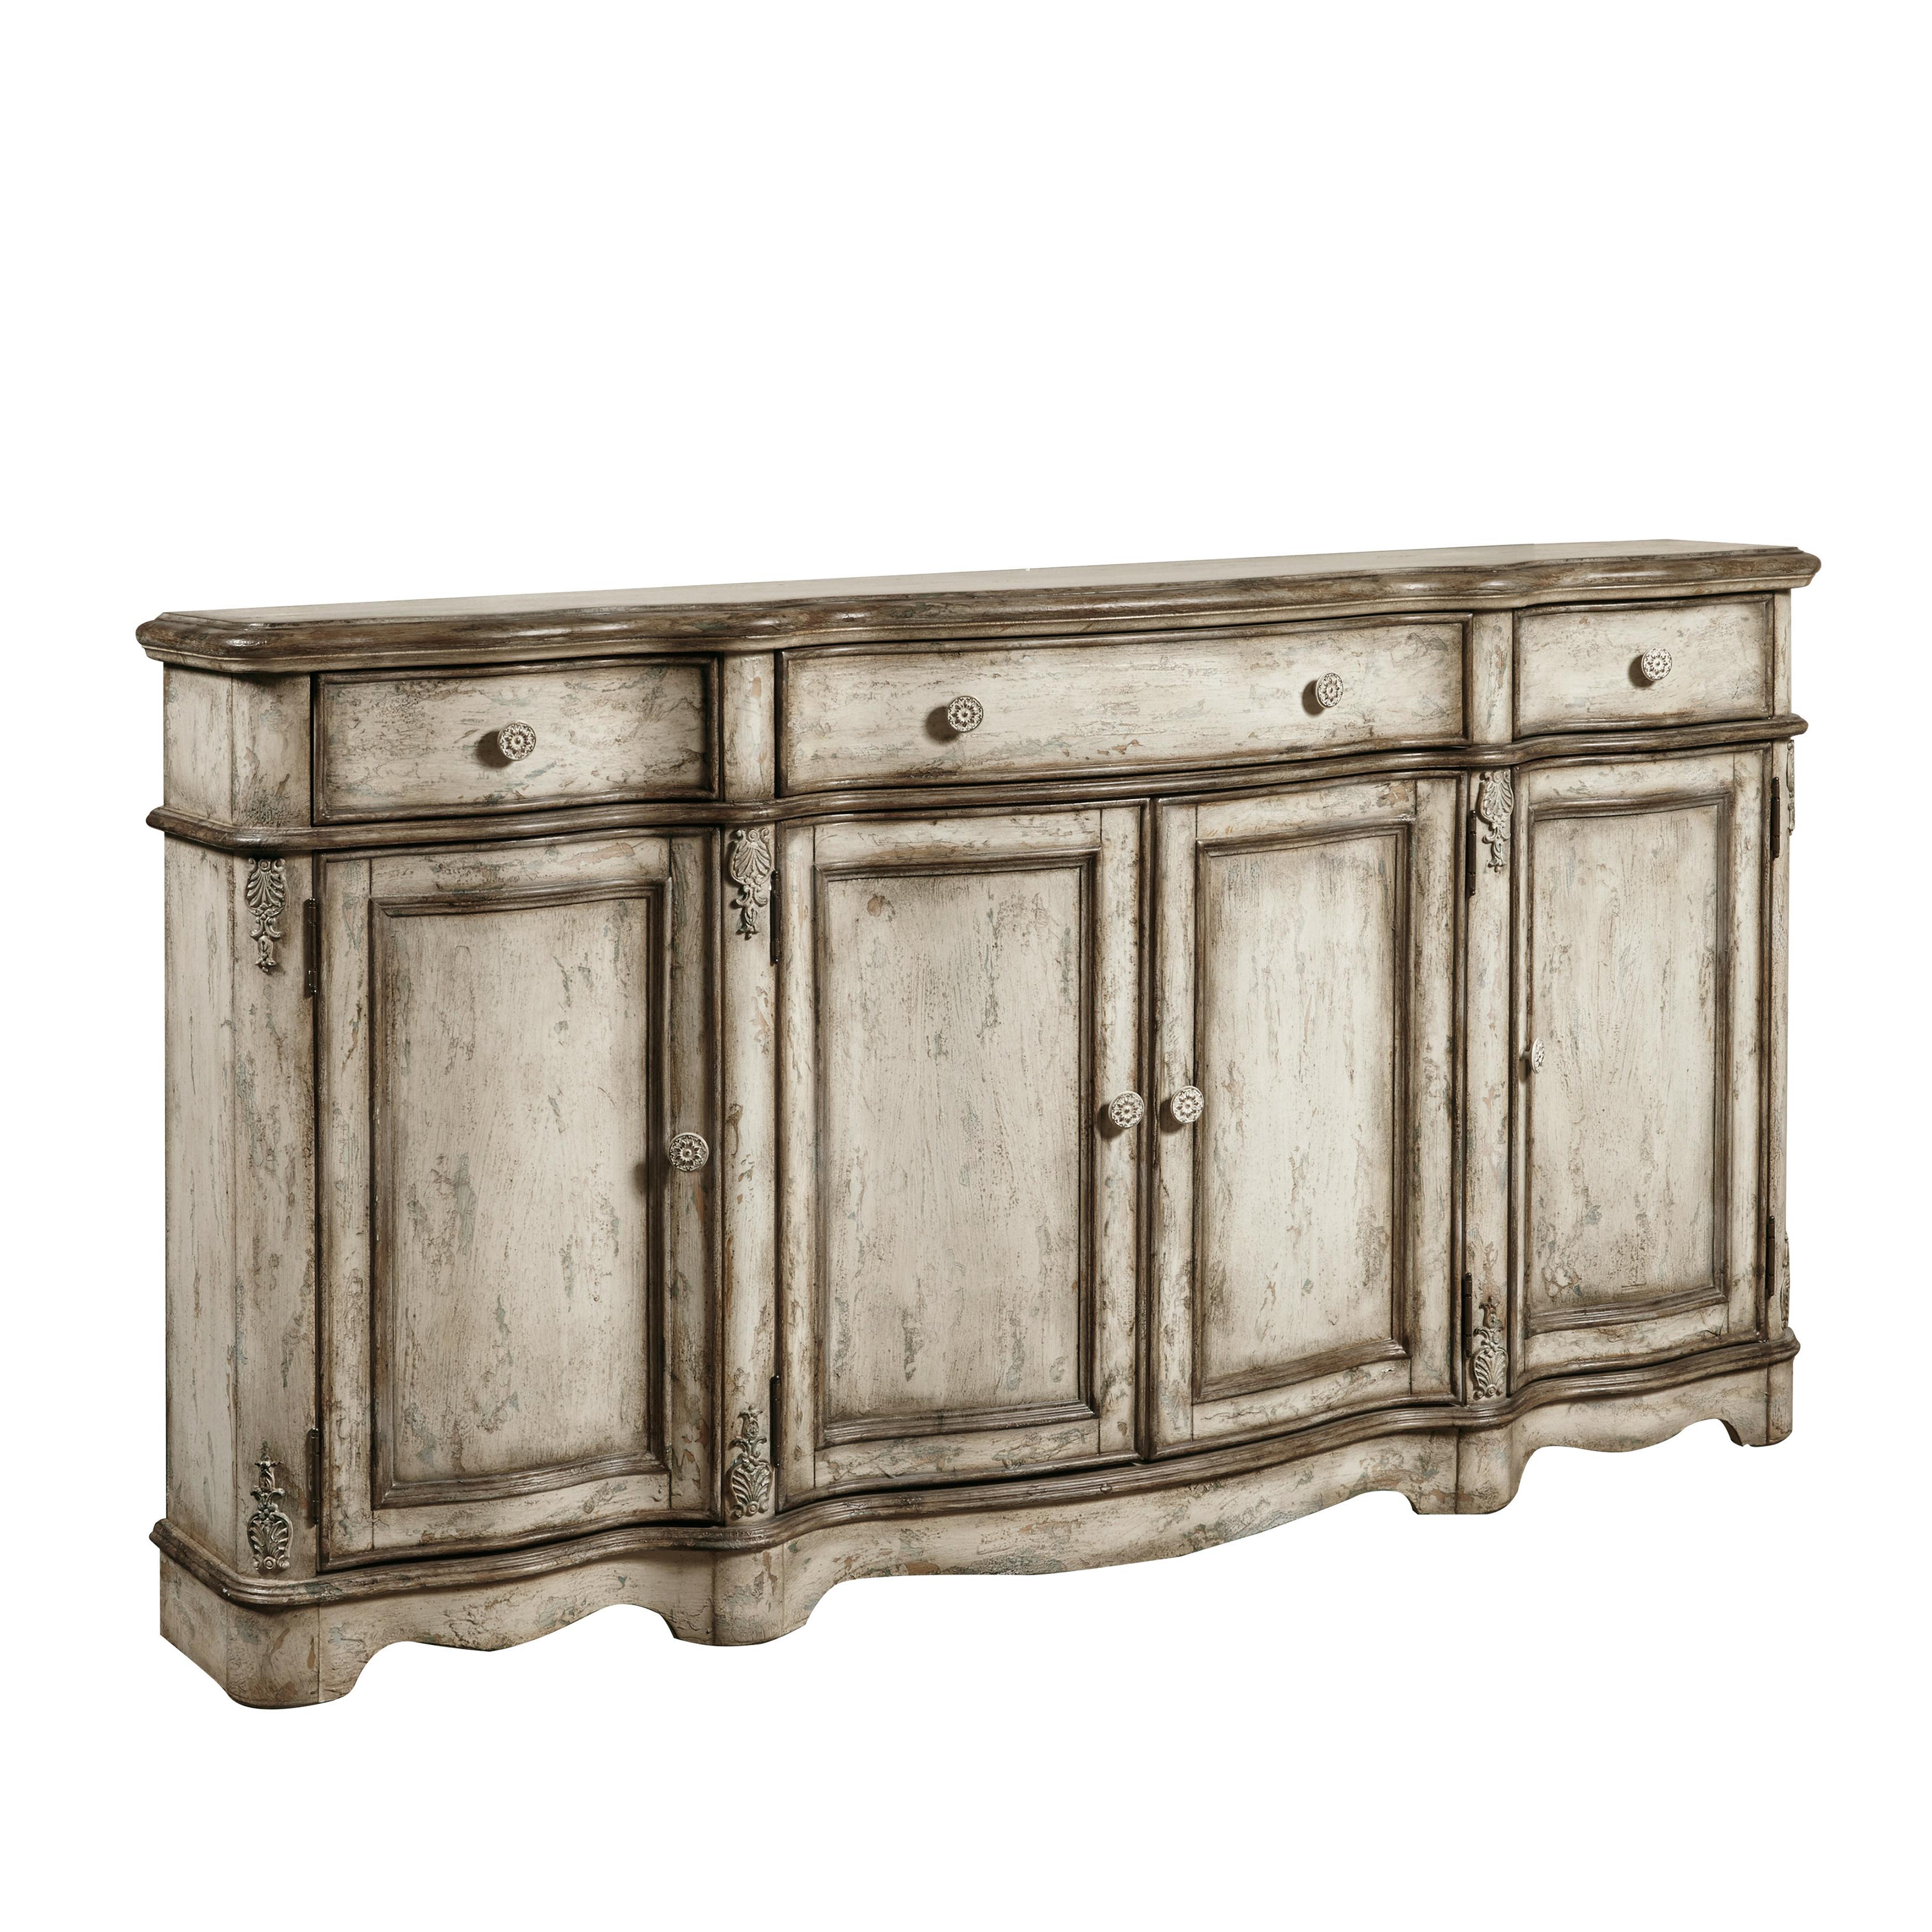 Ilyan Traditional Wood Sideboards Regarding Widely Used Ilyan Traditional Wood Sideboard (Gallery 1 of 20)